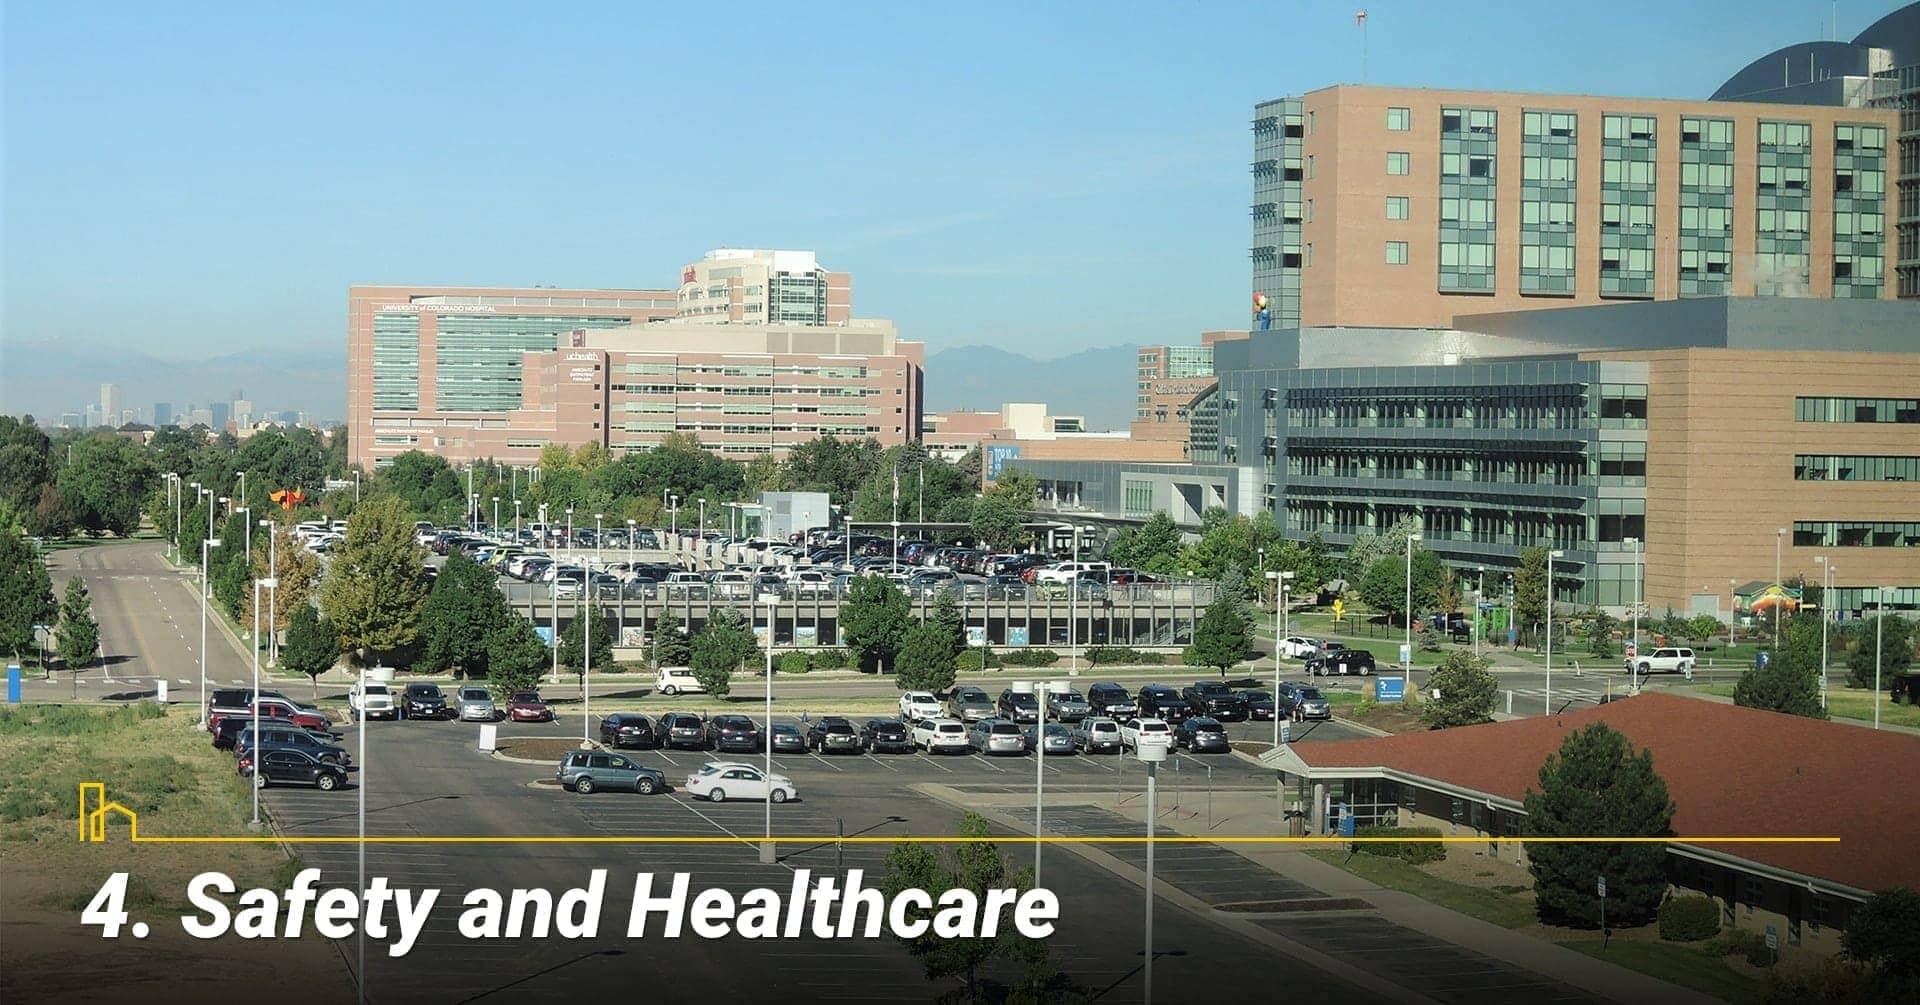 Safety & Health Care in Denver, Colorado